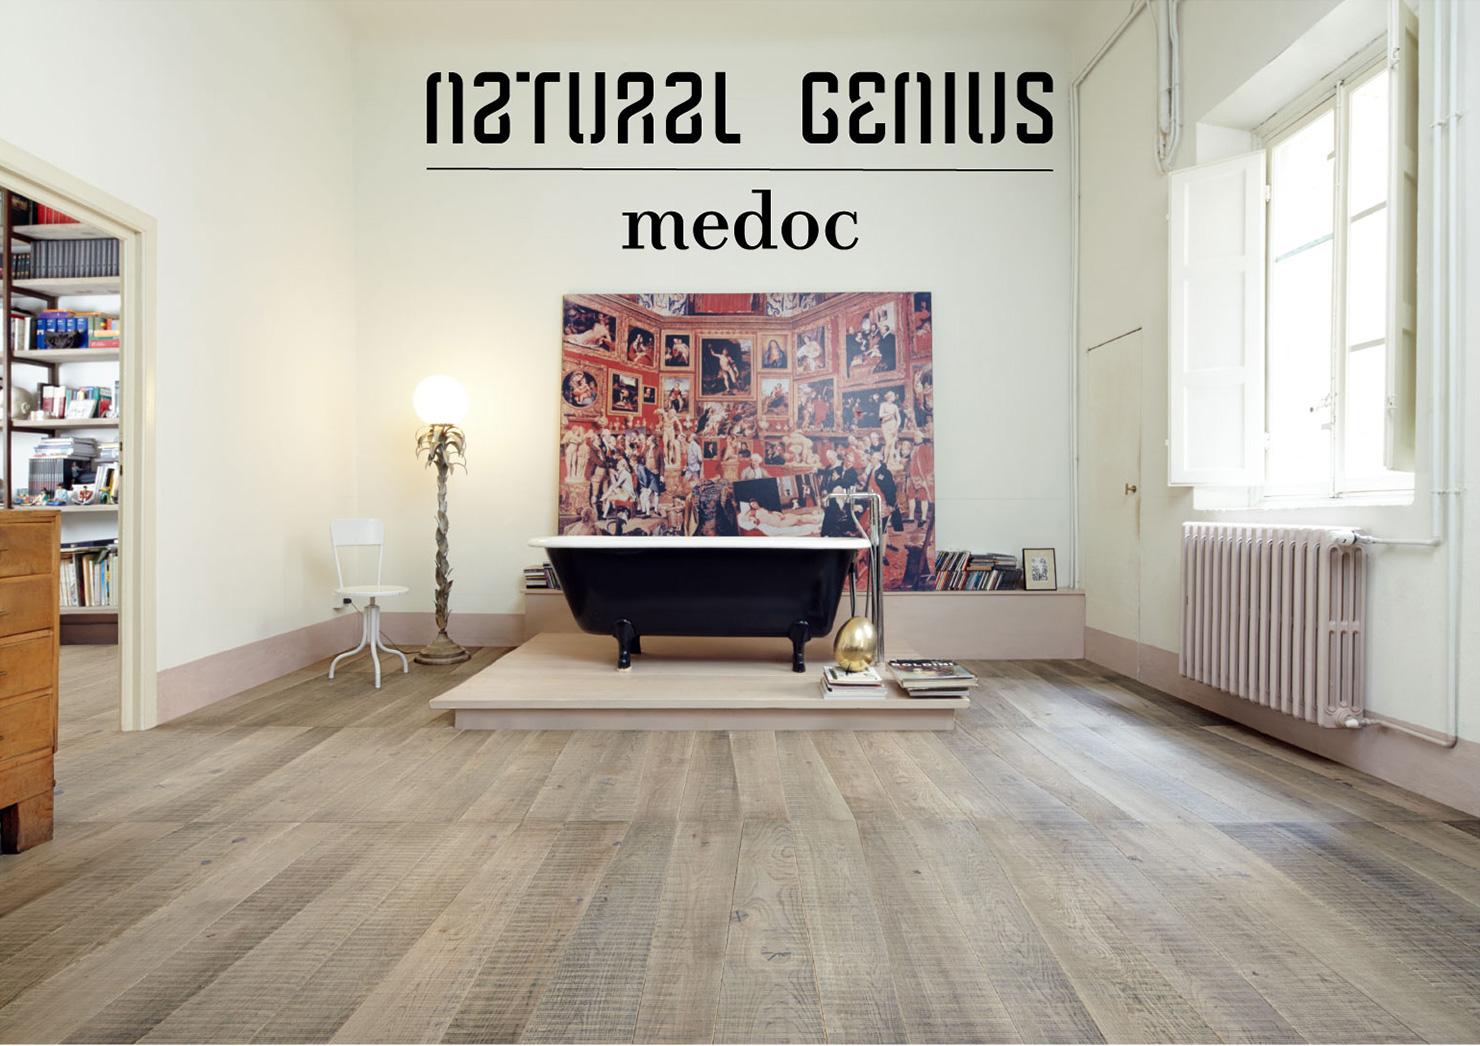 natural genius medoc